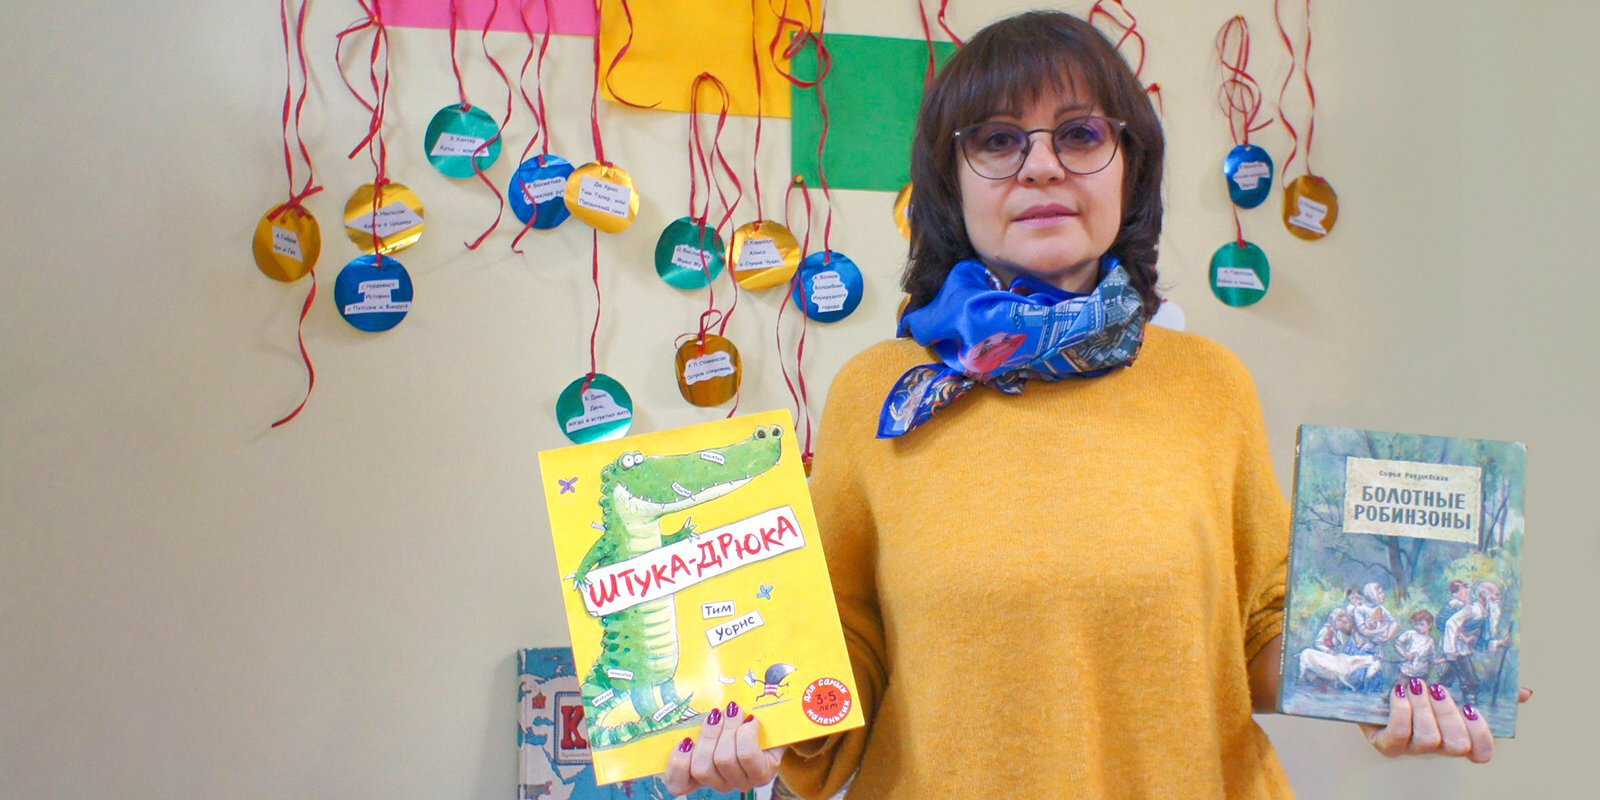 Ксения Любич, заведующая библиотекой № 130